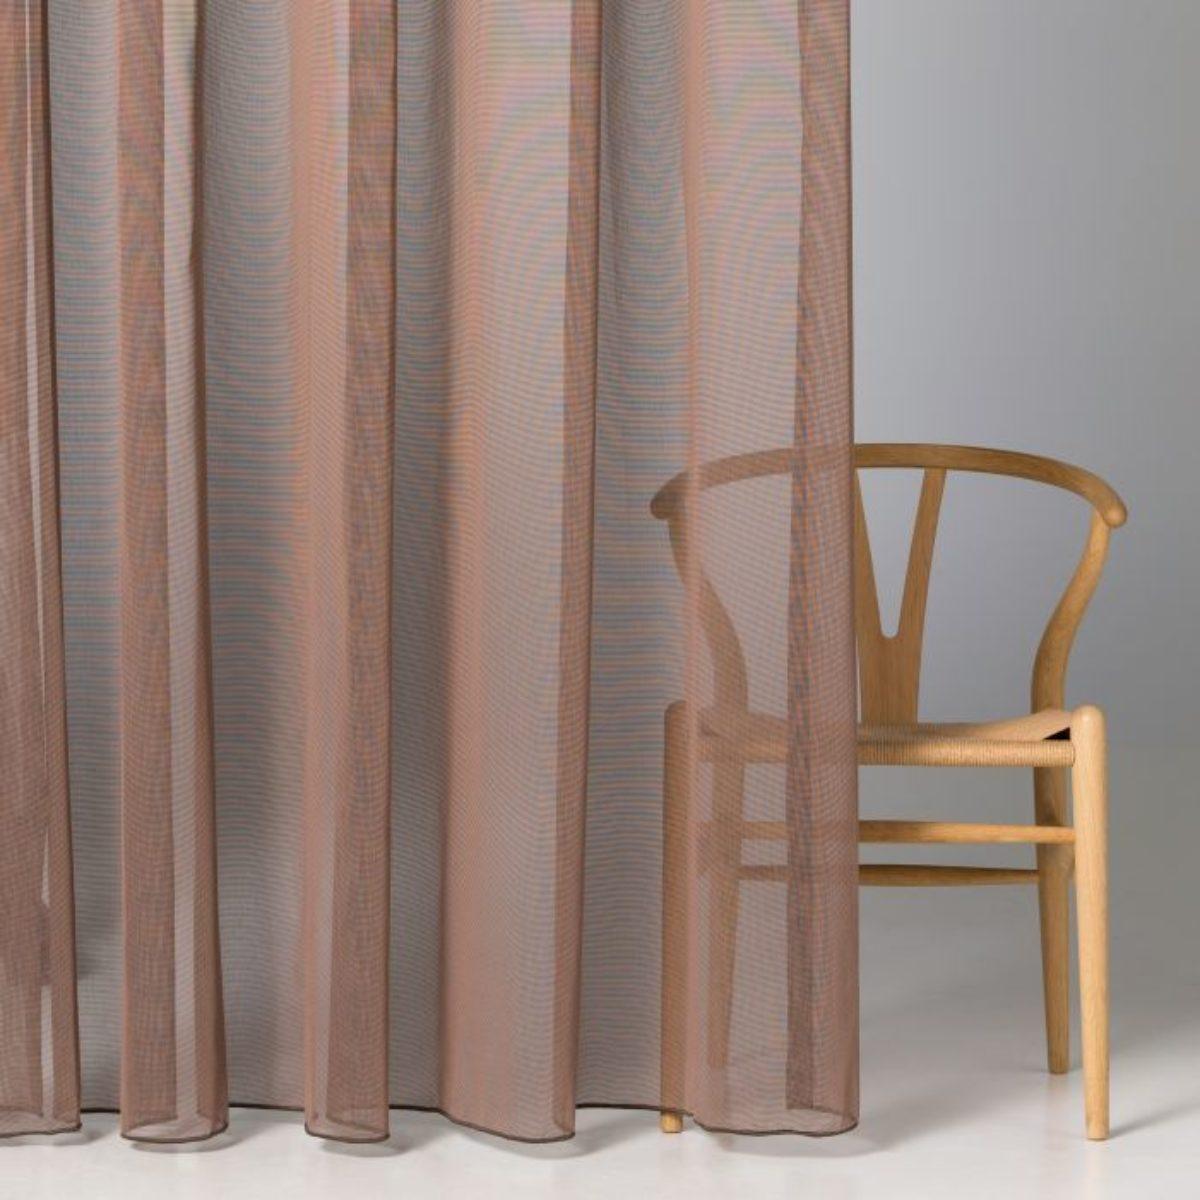 Ploeg gordijnen in between vitrage stoffen collectie configurable 0104340011 zero 11 001 detail4